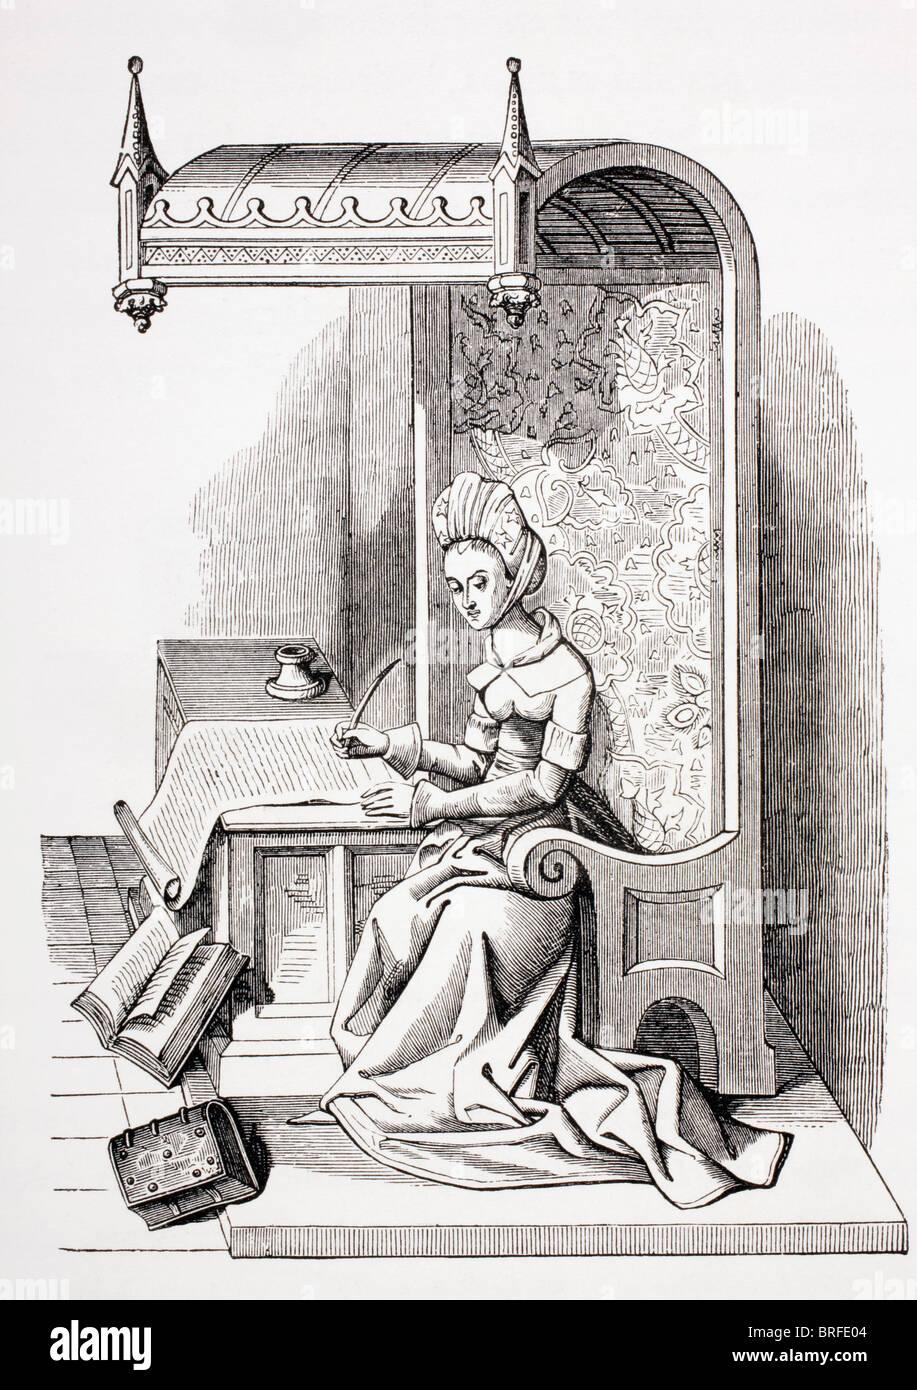 Christine de il pisano o Pizan, 1365 - c. 1434, veneto-nato poeta e femminista. Immagini Stock